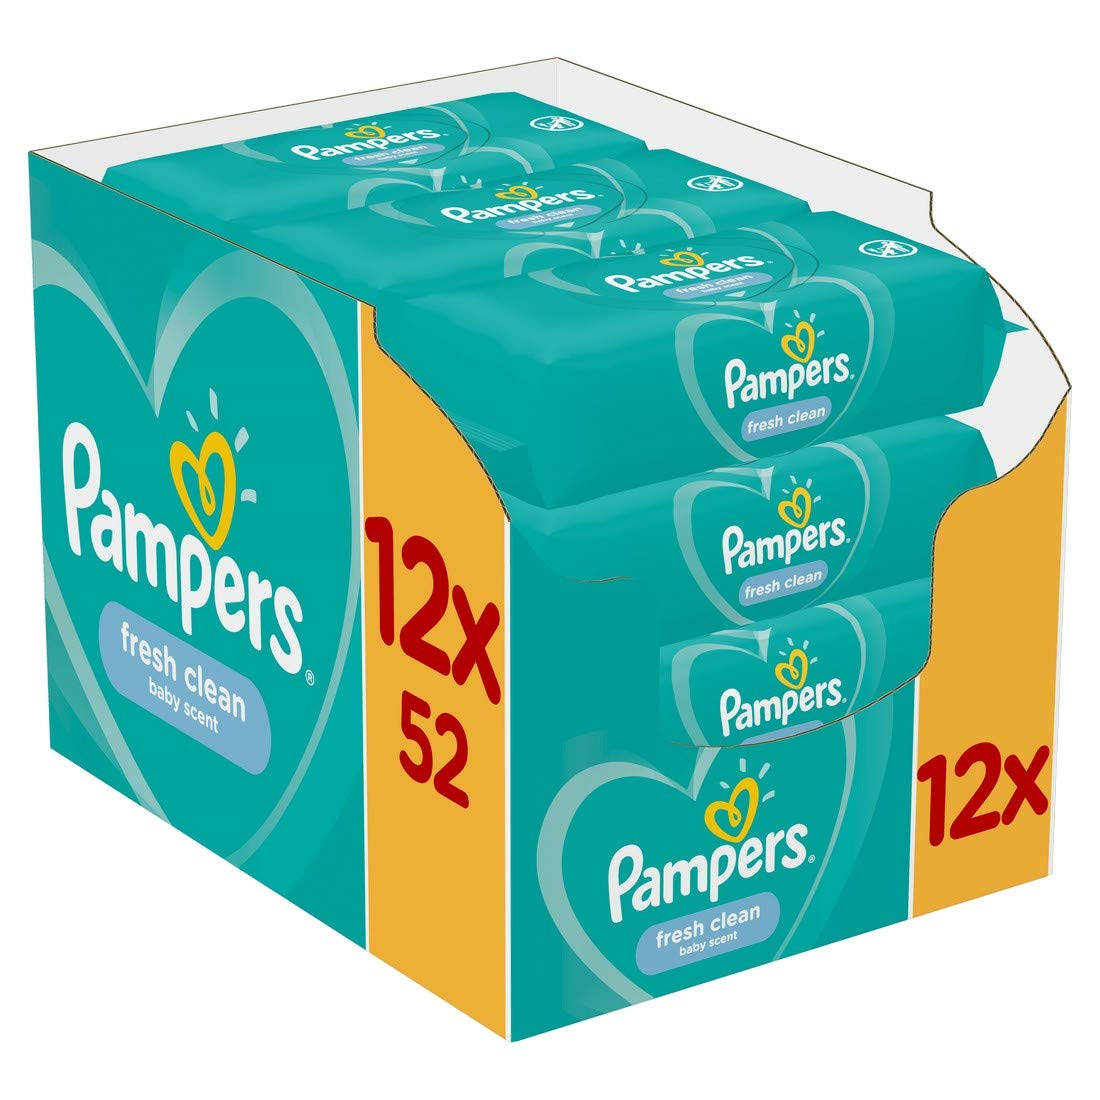 624 Lingettes Pampers Lingettes Sensitive Lot de 12 Paquets de 52 Lingettes